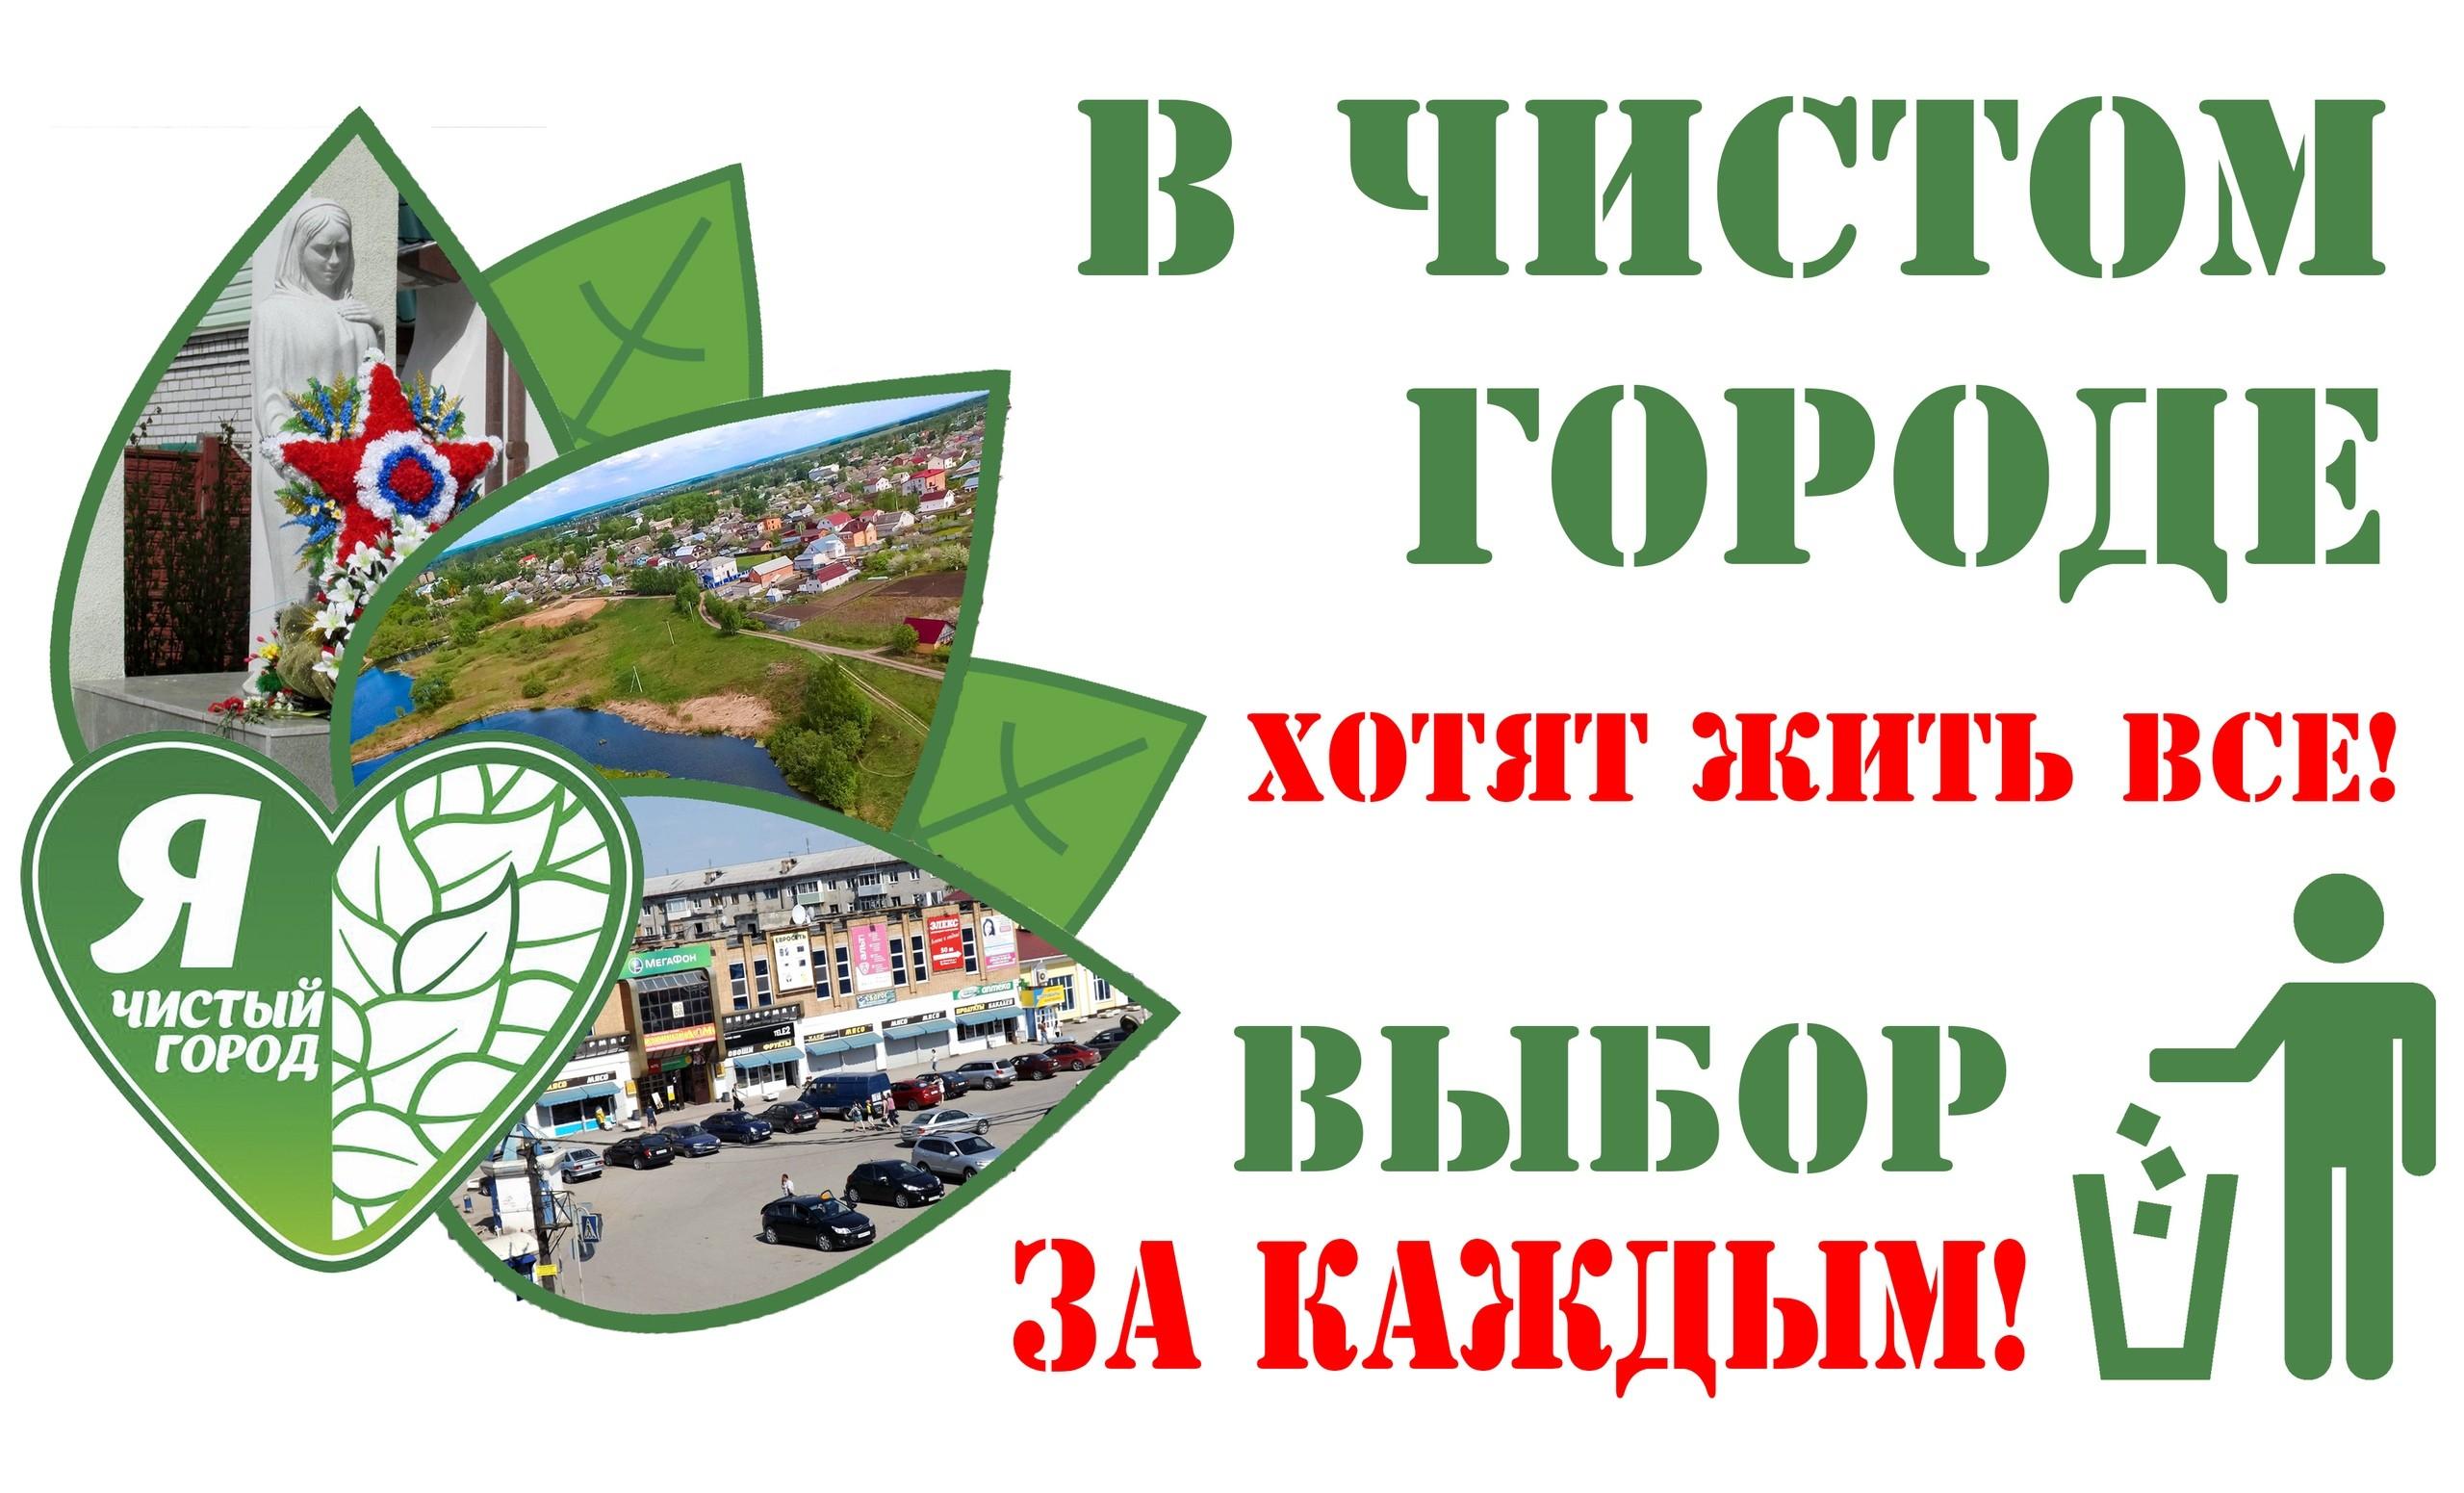 Картинки с акции чистый город